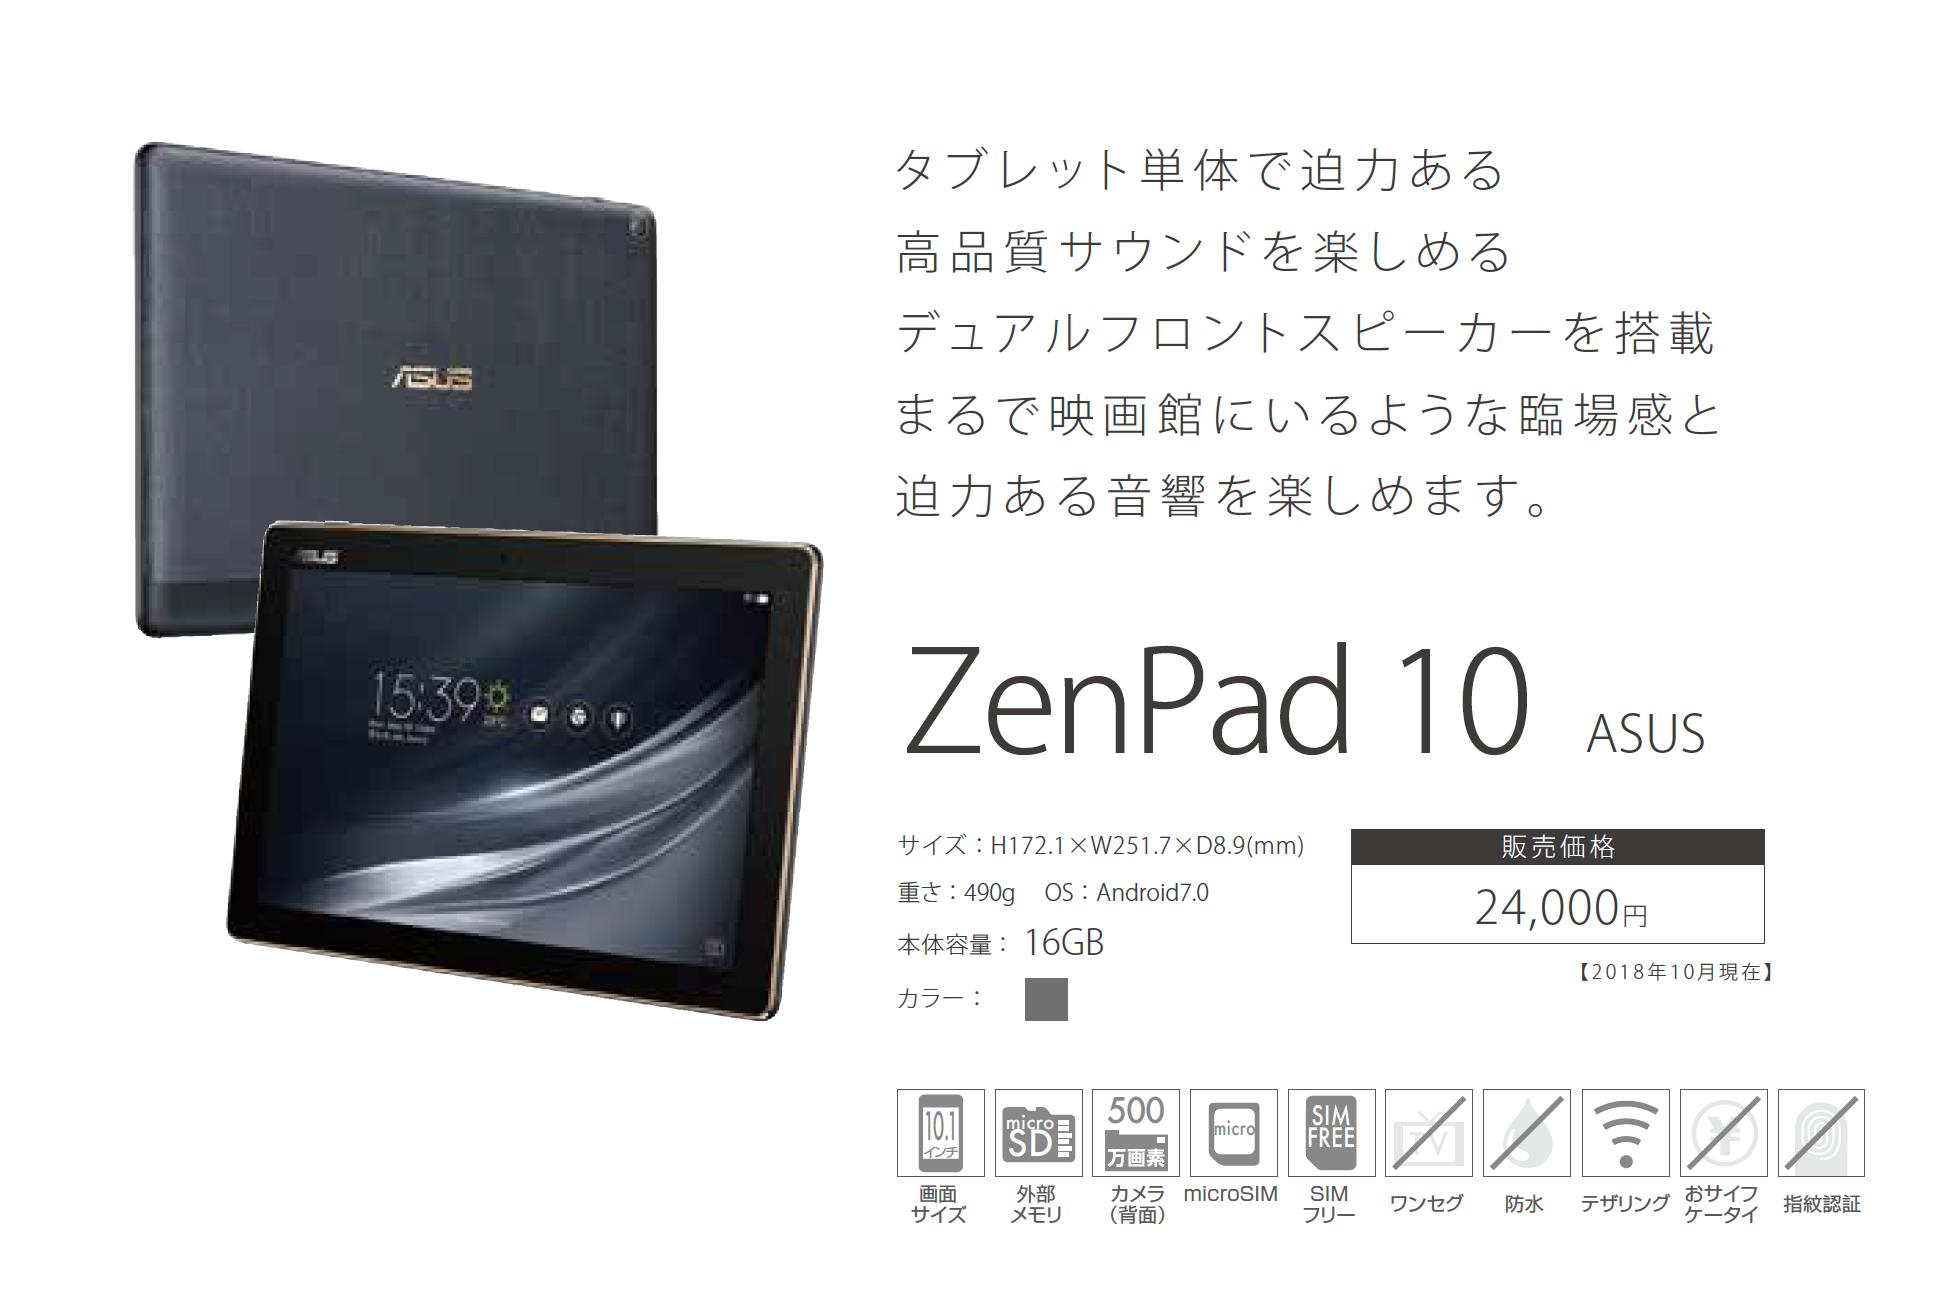 「ZenPad 10」24000円 タブレット単体で迫力ある 高品質サウンドを楽しめる デュアルフロントスピーカーを搭載 まるで映画館にいるような臨場感と 迫力ある音響を楽しめます。